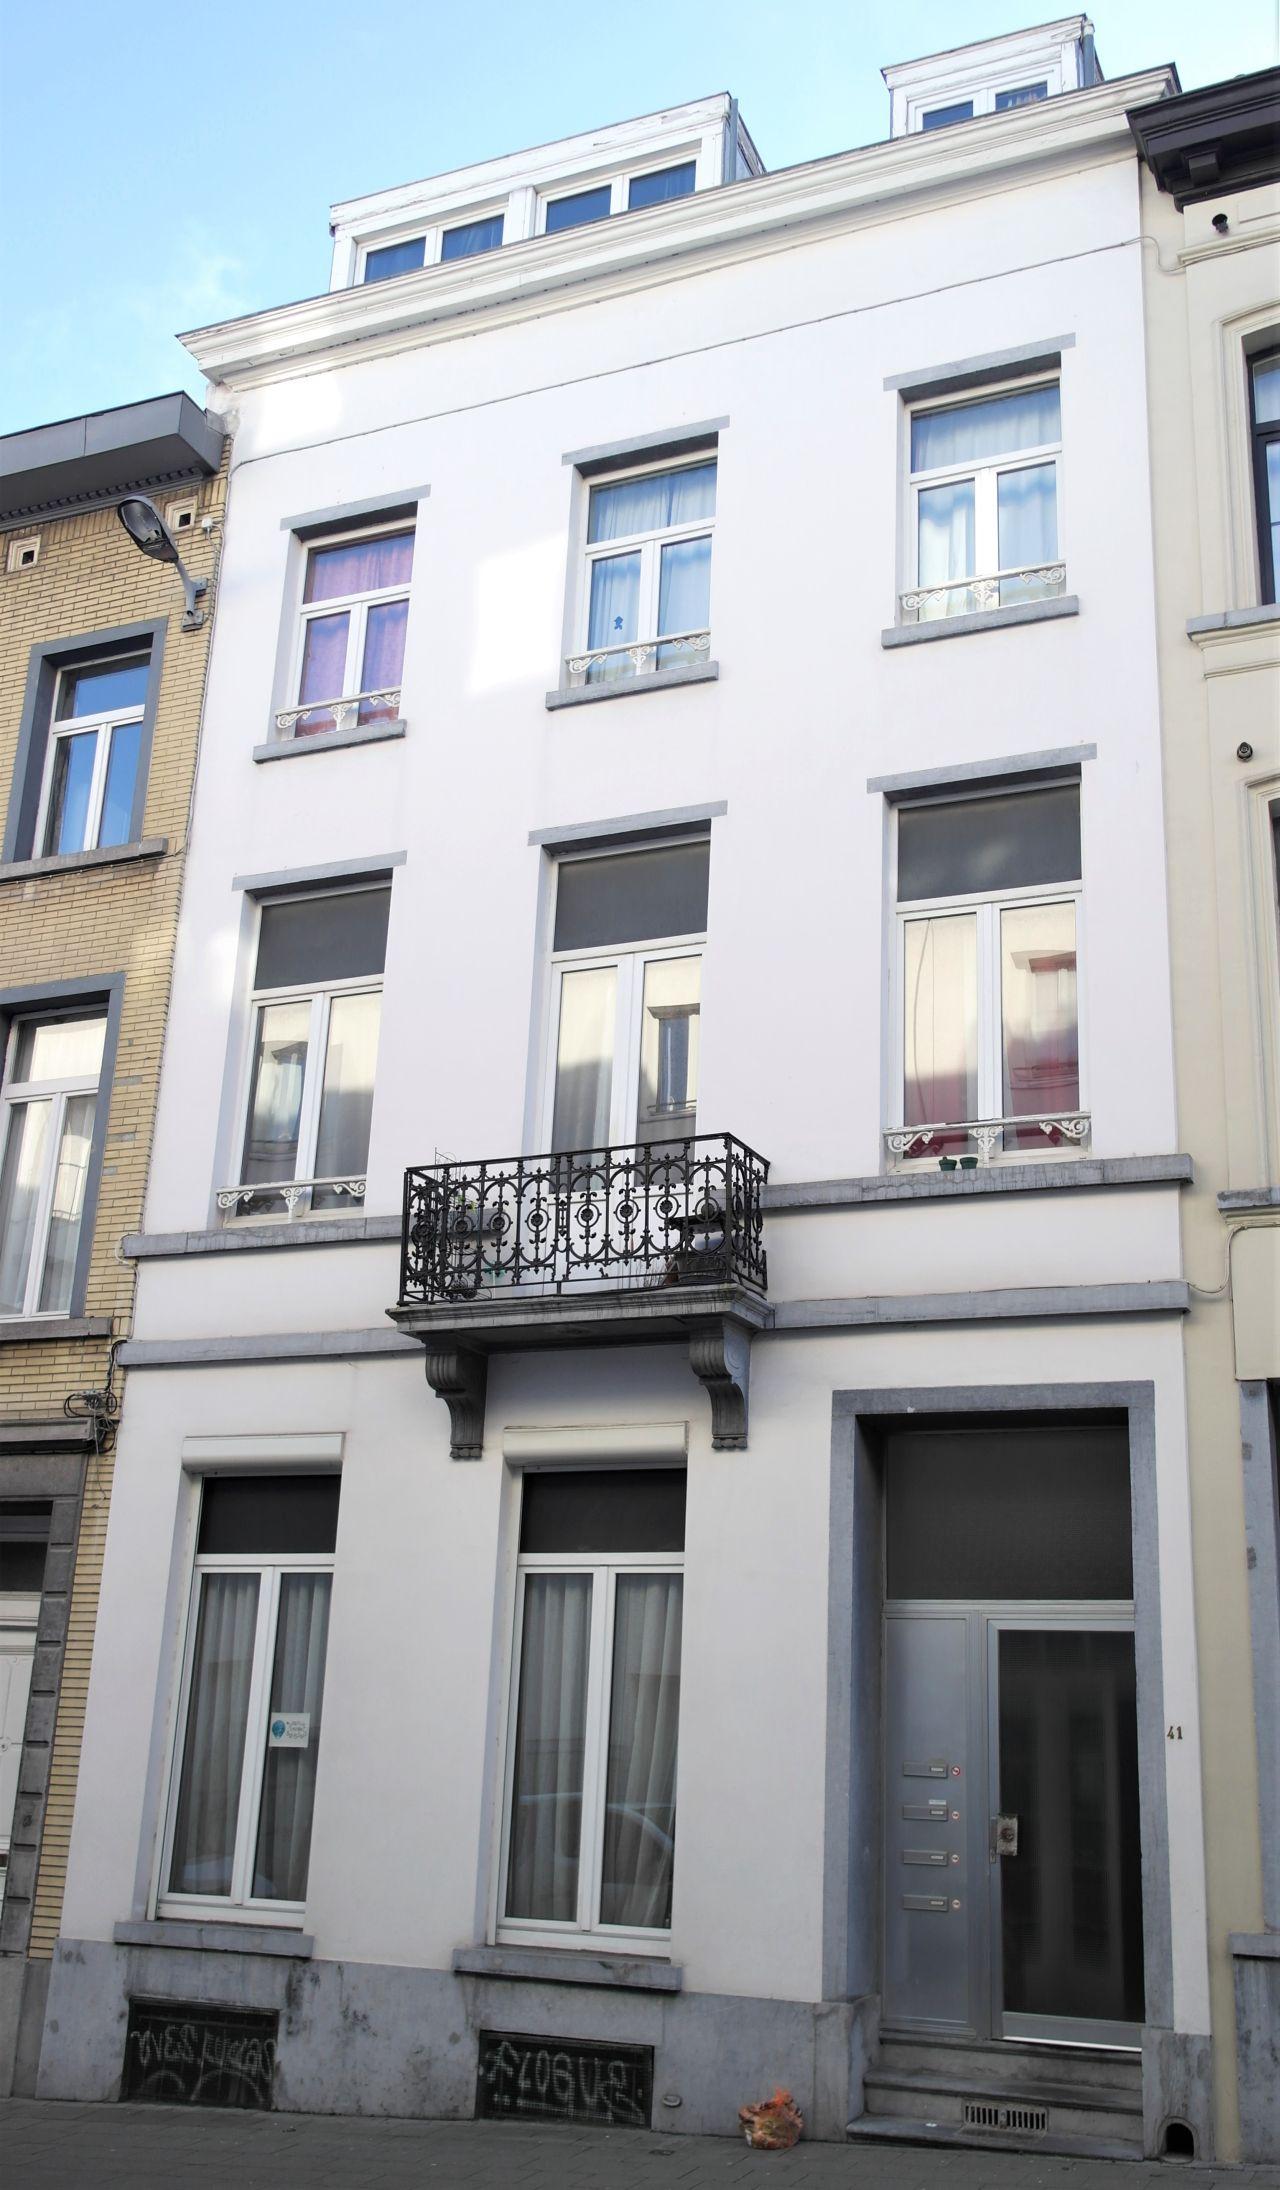 Rue de Spa 41, 2020